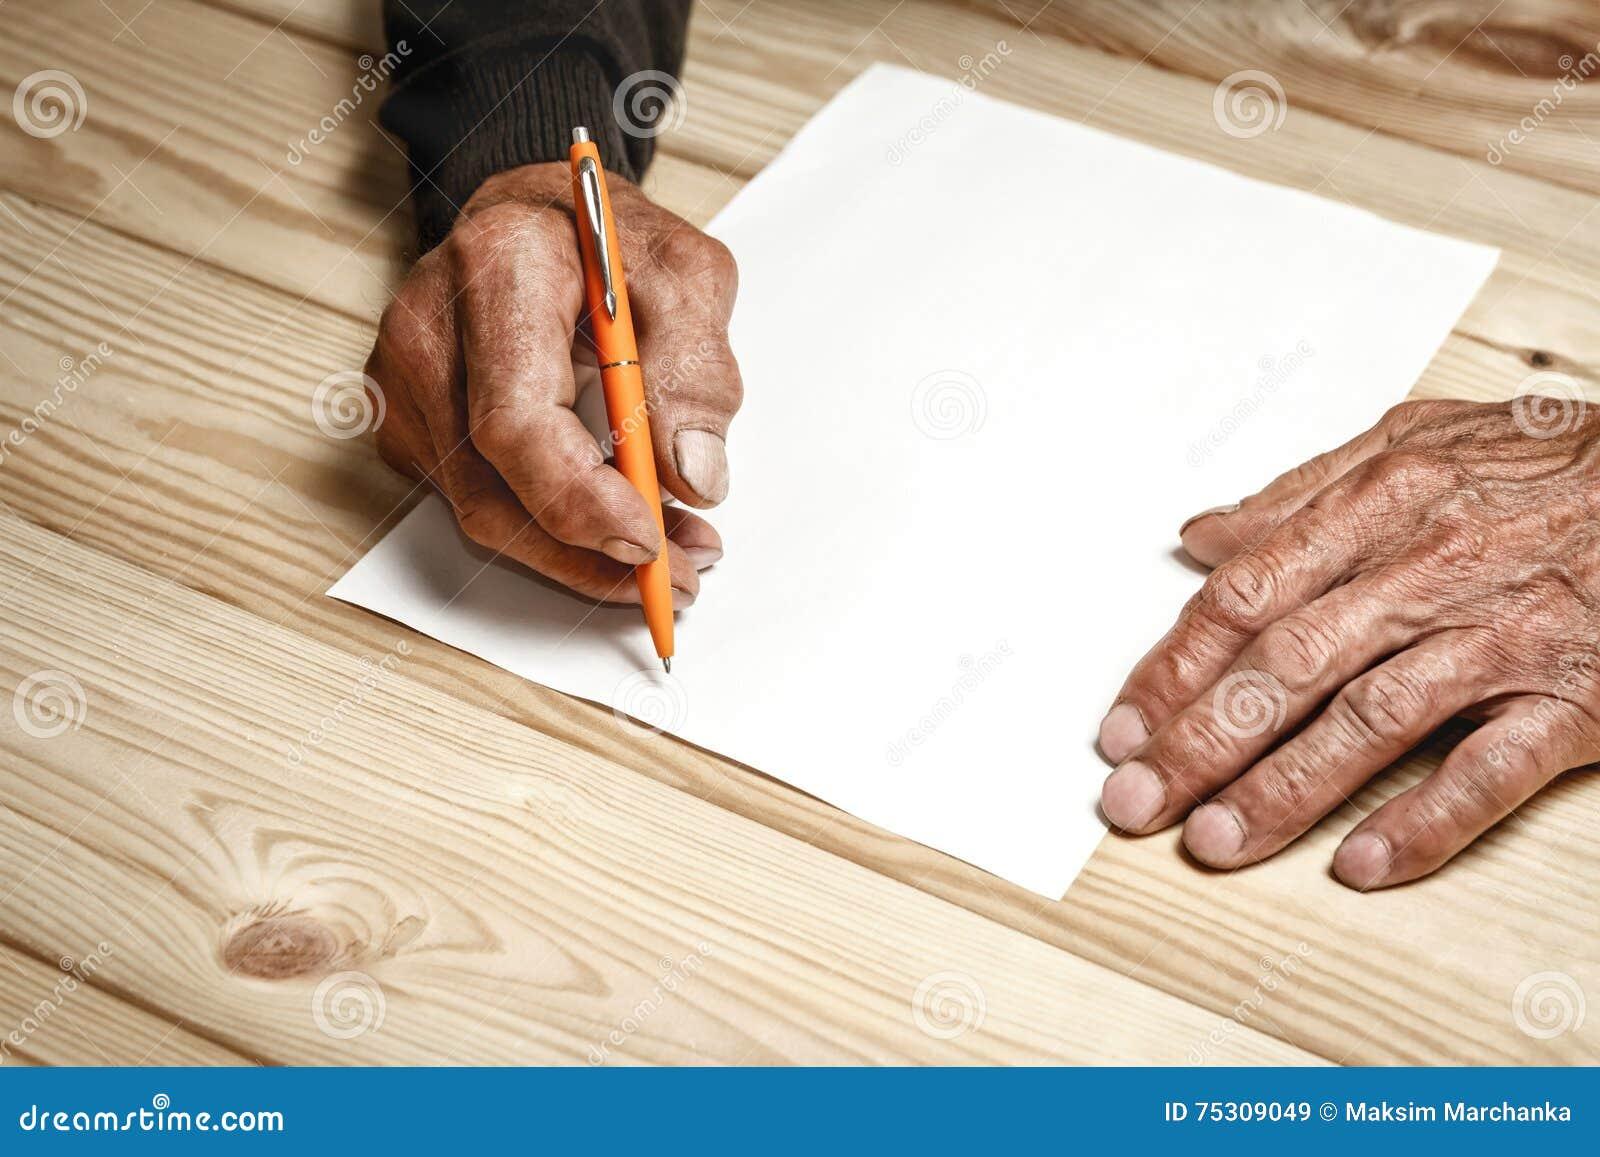 El mayor escribe un testamento